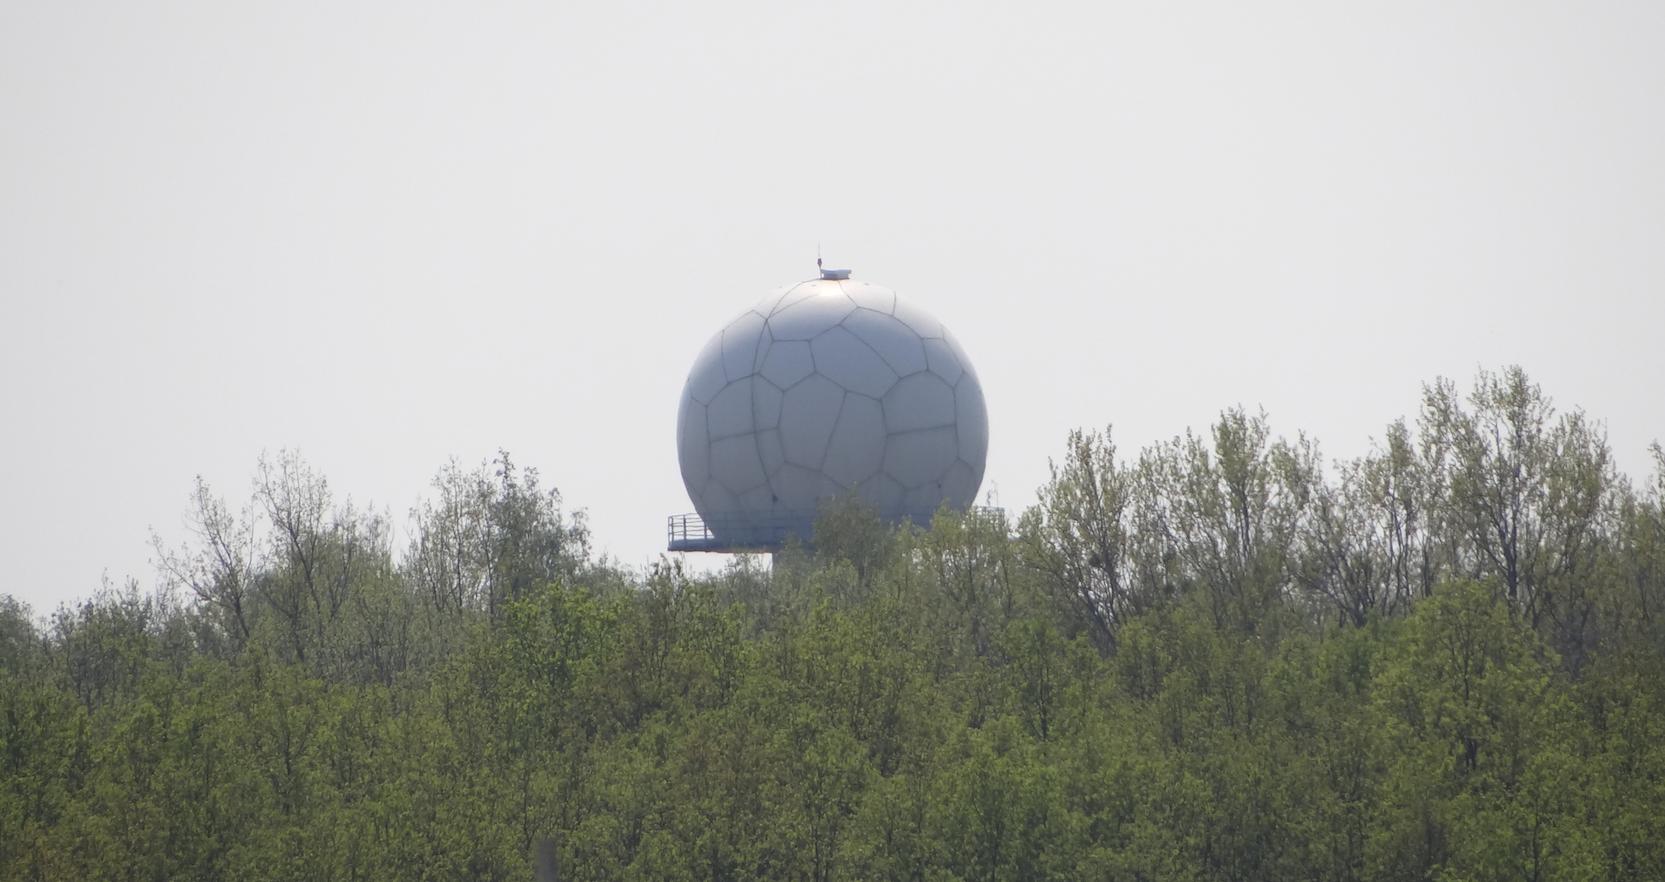 Lotnisko Strachowice. Stacja radiolokacyjna, radar pogodowy. 2018 rok. Zdjęcie Karol Placha Hetman